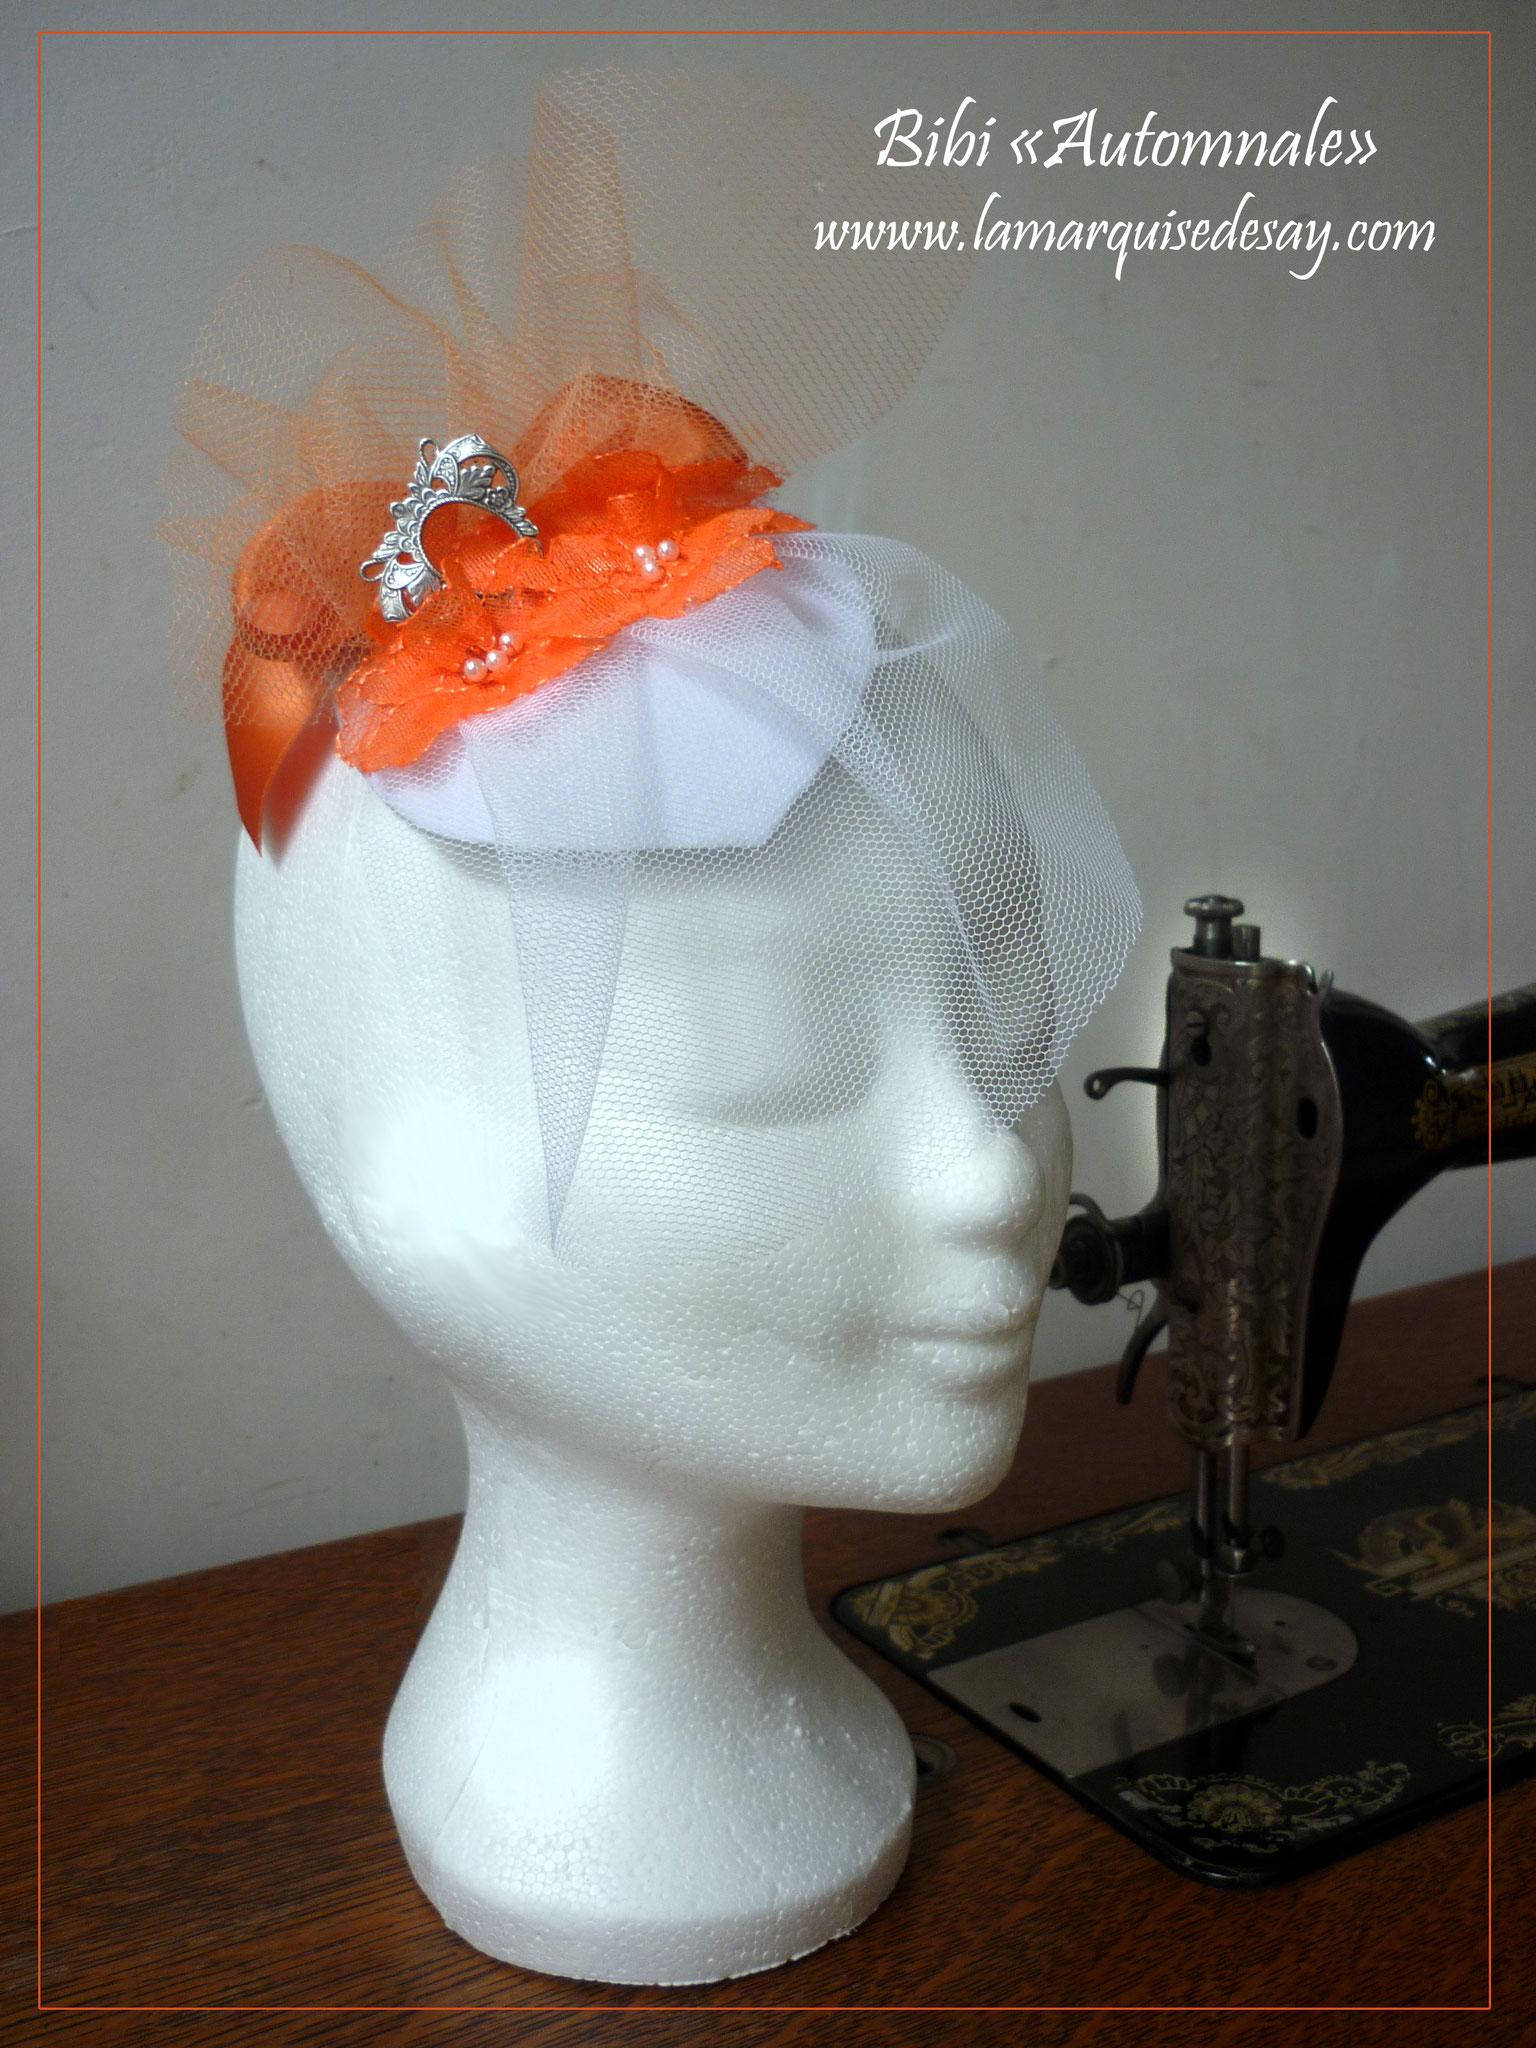 """Bibi """"Automnale"""" - Feutre blanc moulé, tulle, ruban, dentelles et perles  - Demande sur-mesure"""